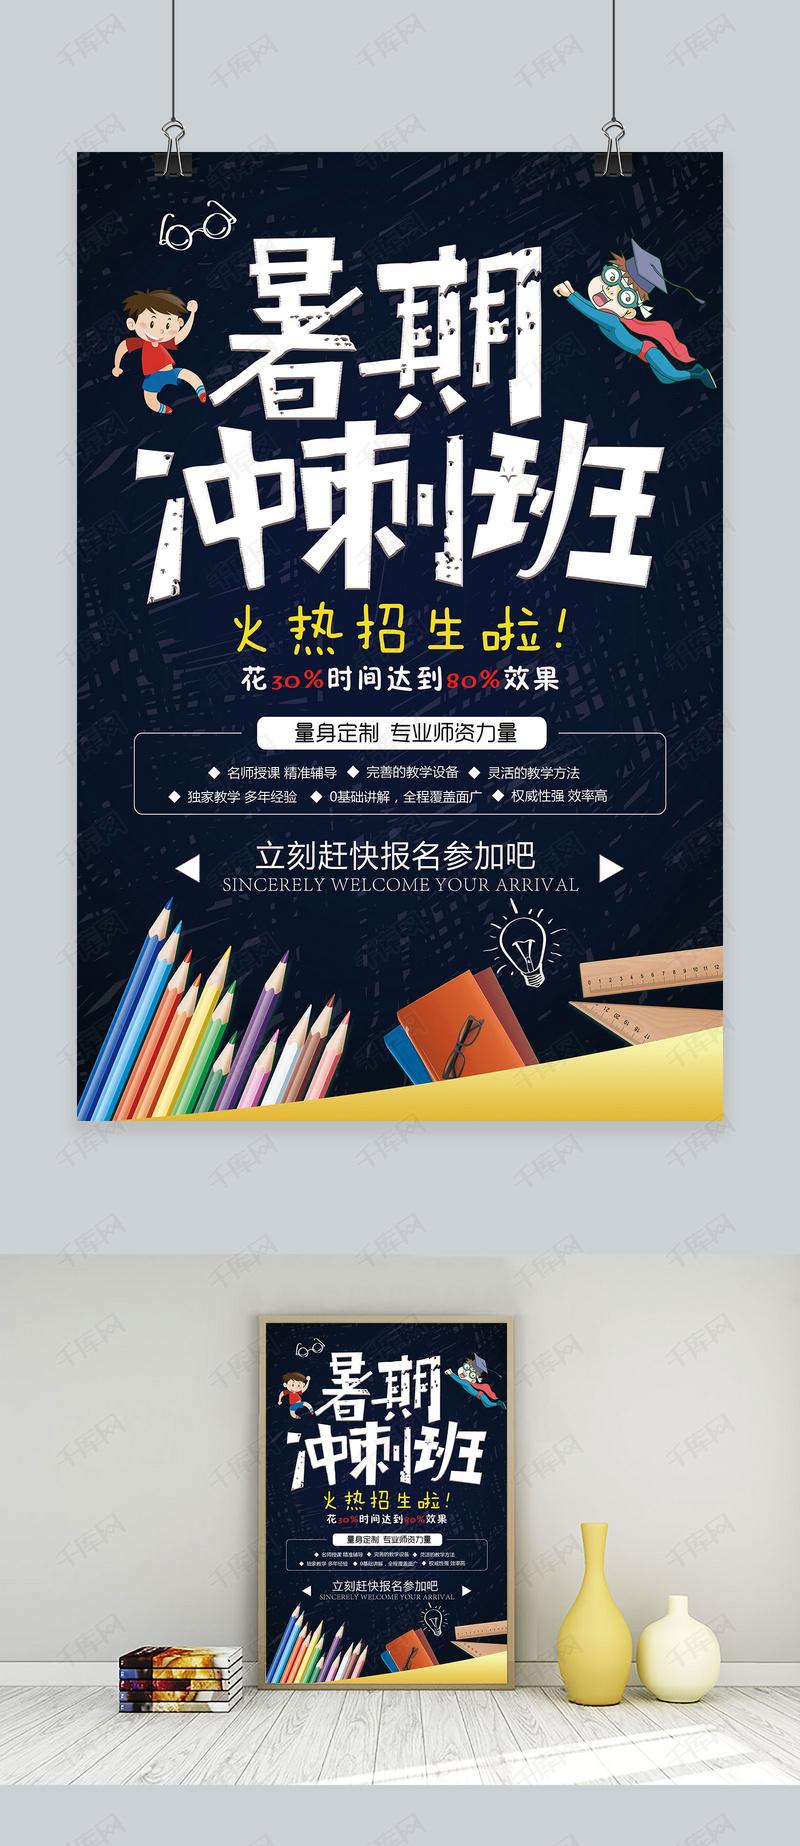 千库原创暑假招生海报